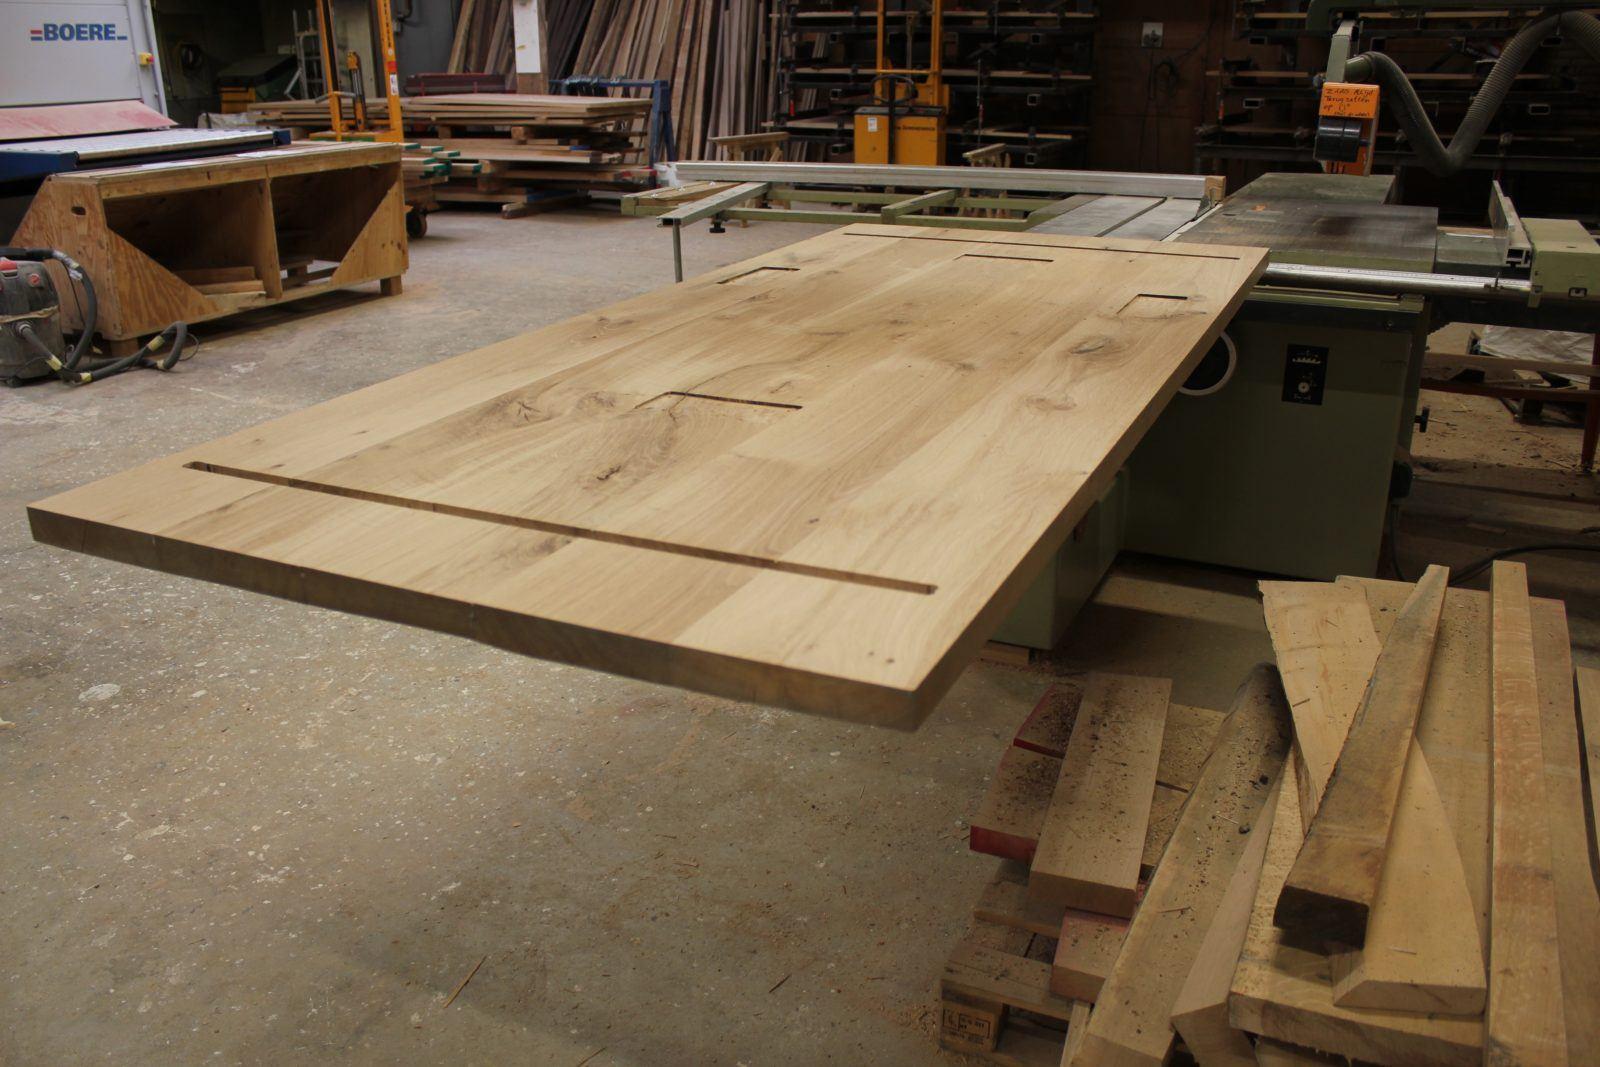 Tafel blad op maat gemaakt van eikenhout in onze eigen Meubelmakerij in Gendt, tussen Arnhem en Nijmegen. Ook op zoen naar een tafel blad op maat? Elke maat en andere houtsoorten zijn mogelijk.